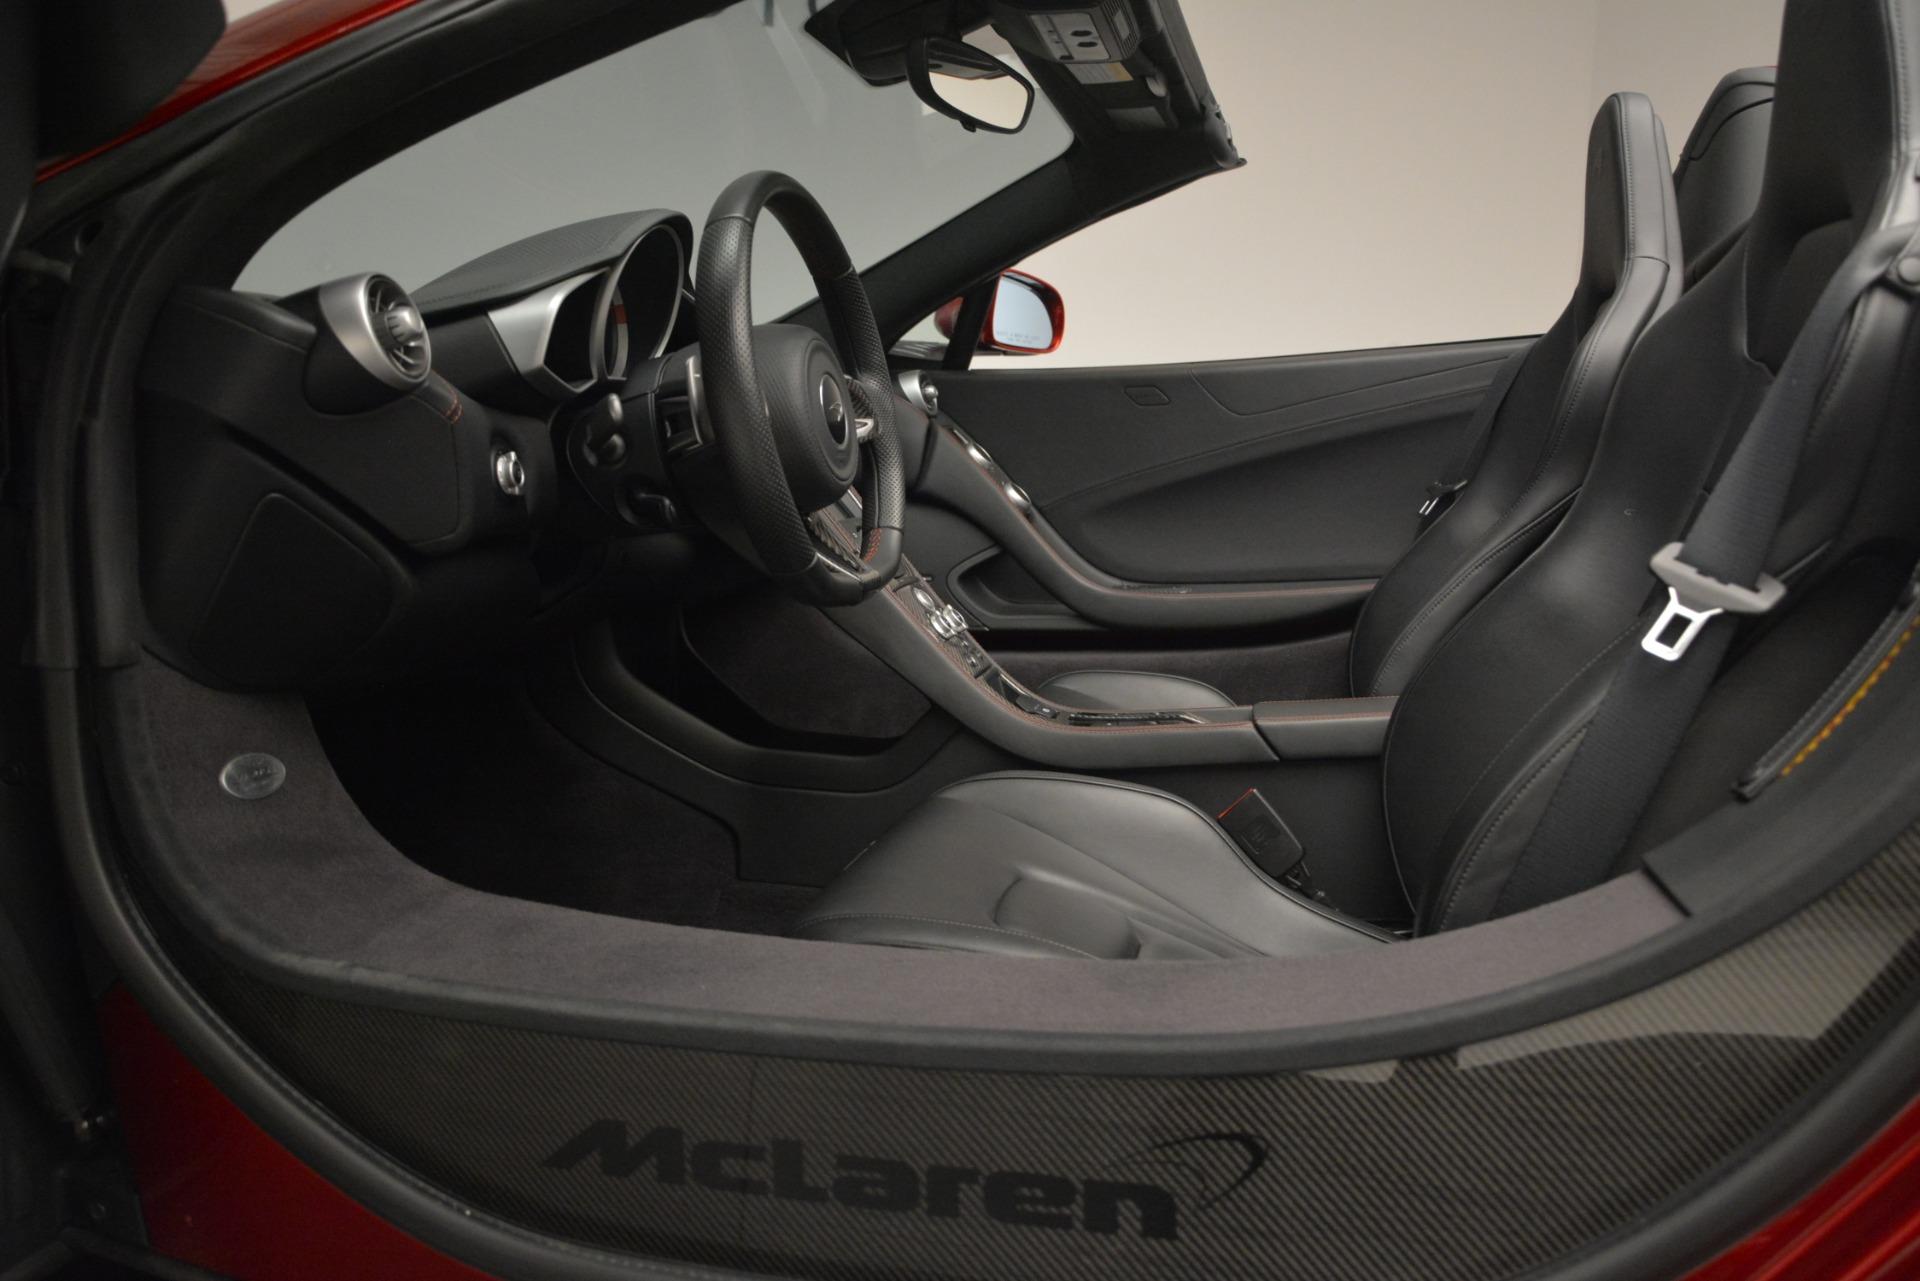 Used 2015 McLaren 650S Spider For Sale In Westport, CT 2904_p25